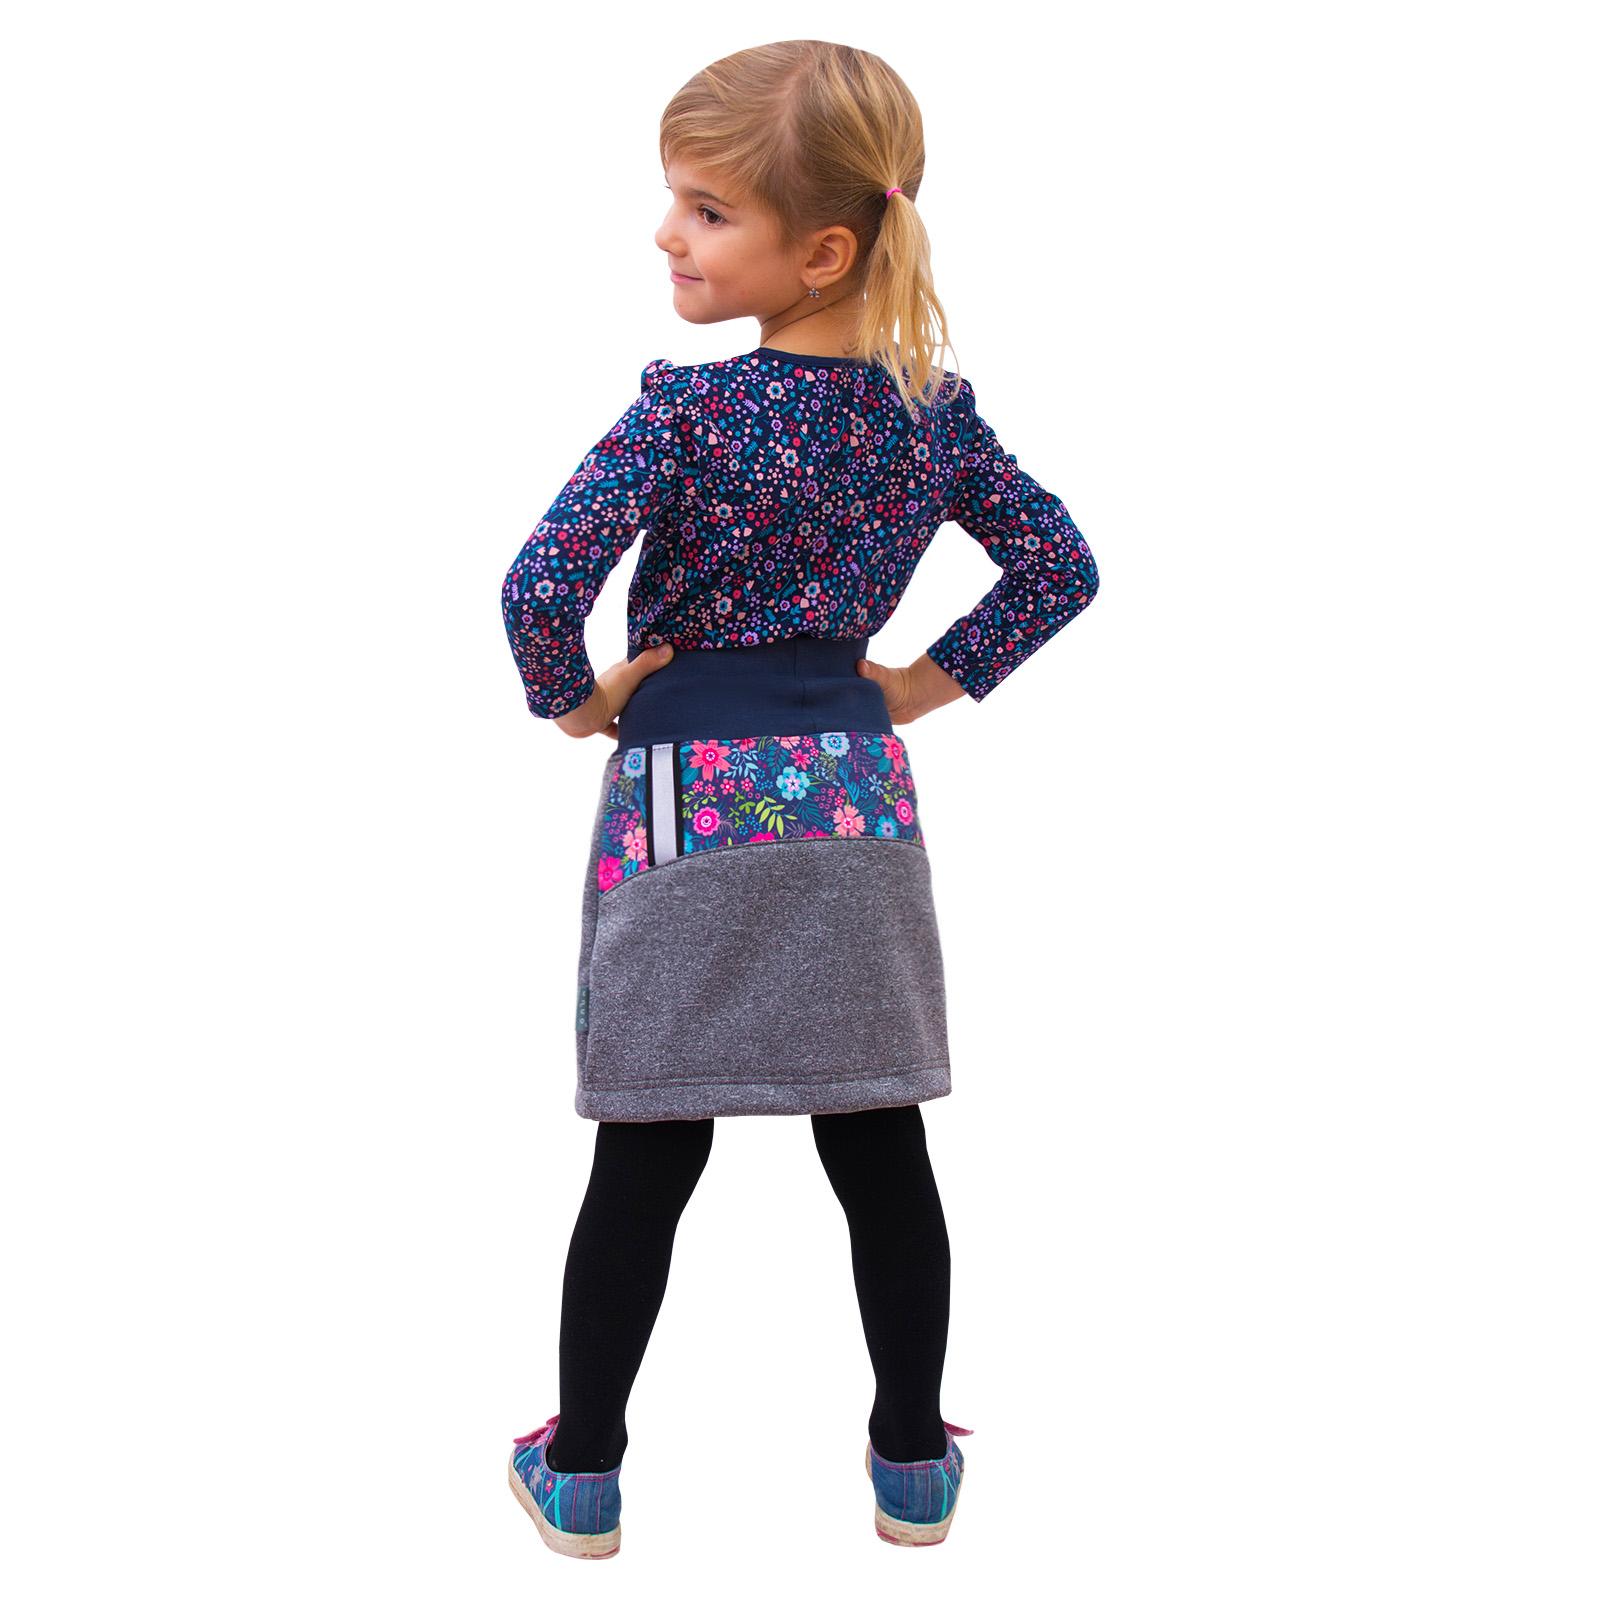 unuo Dětská softshellová sukně s fleecem Velikost UNI (Size): 104/110